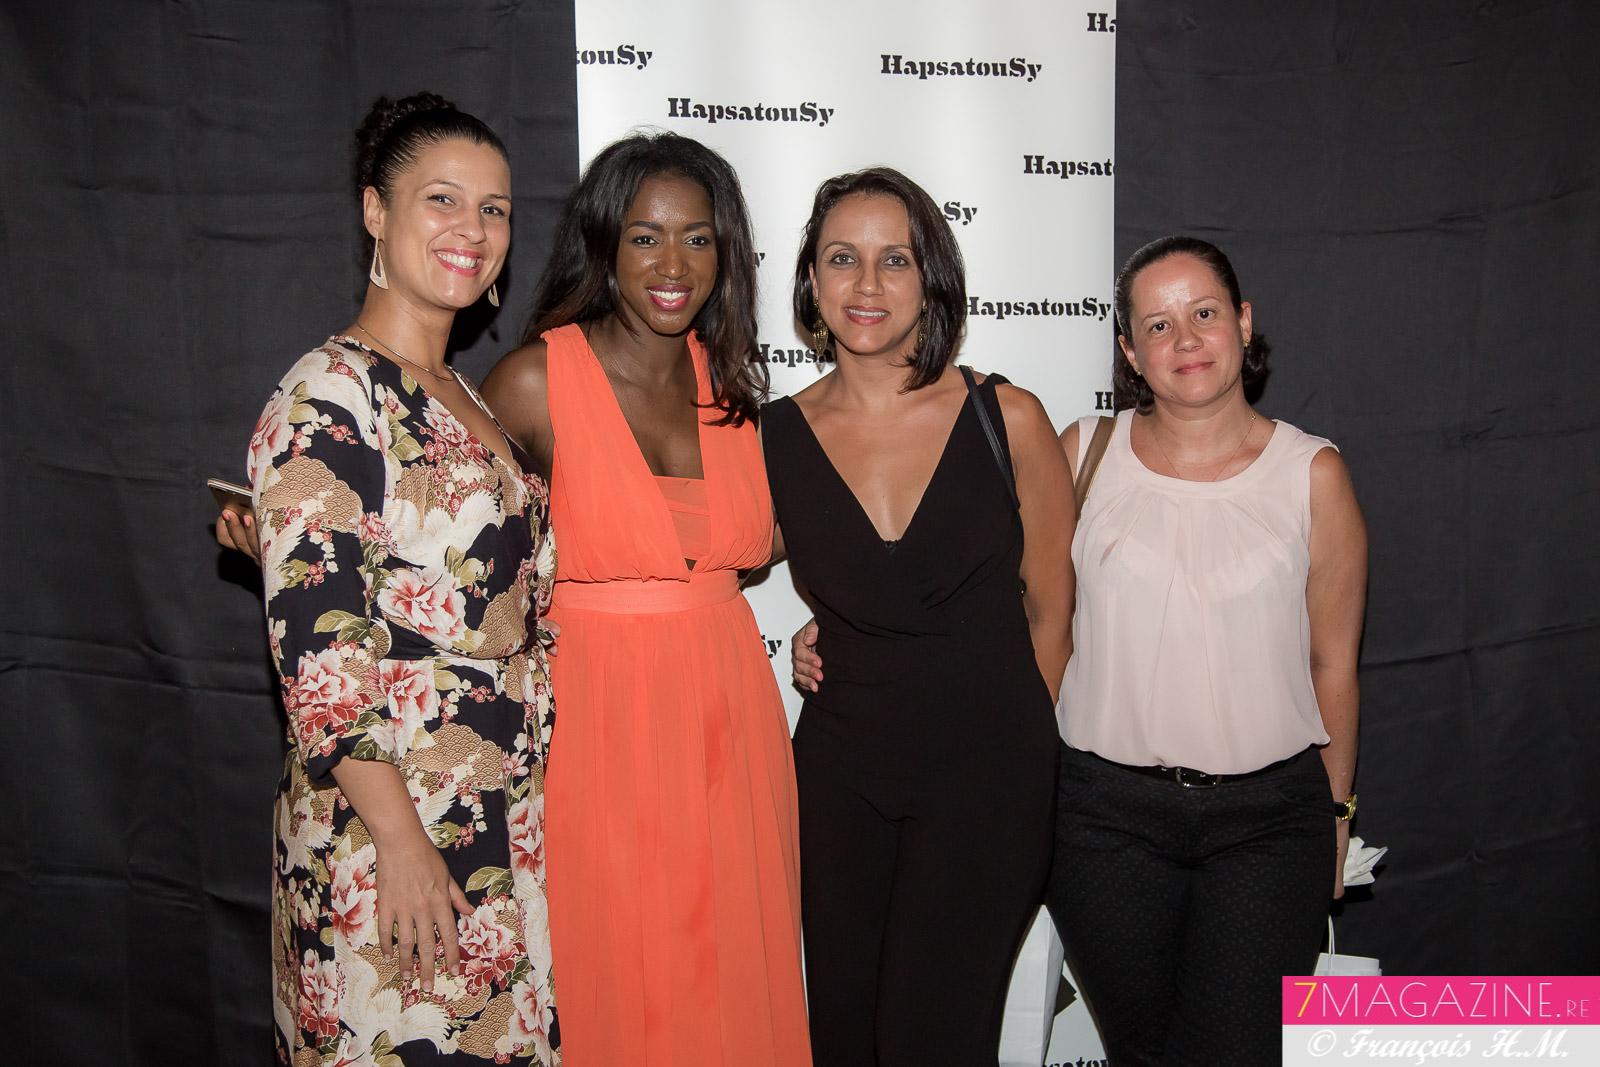 Hapsatou Sy à La Réunion pour lancer sa marque